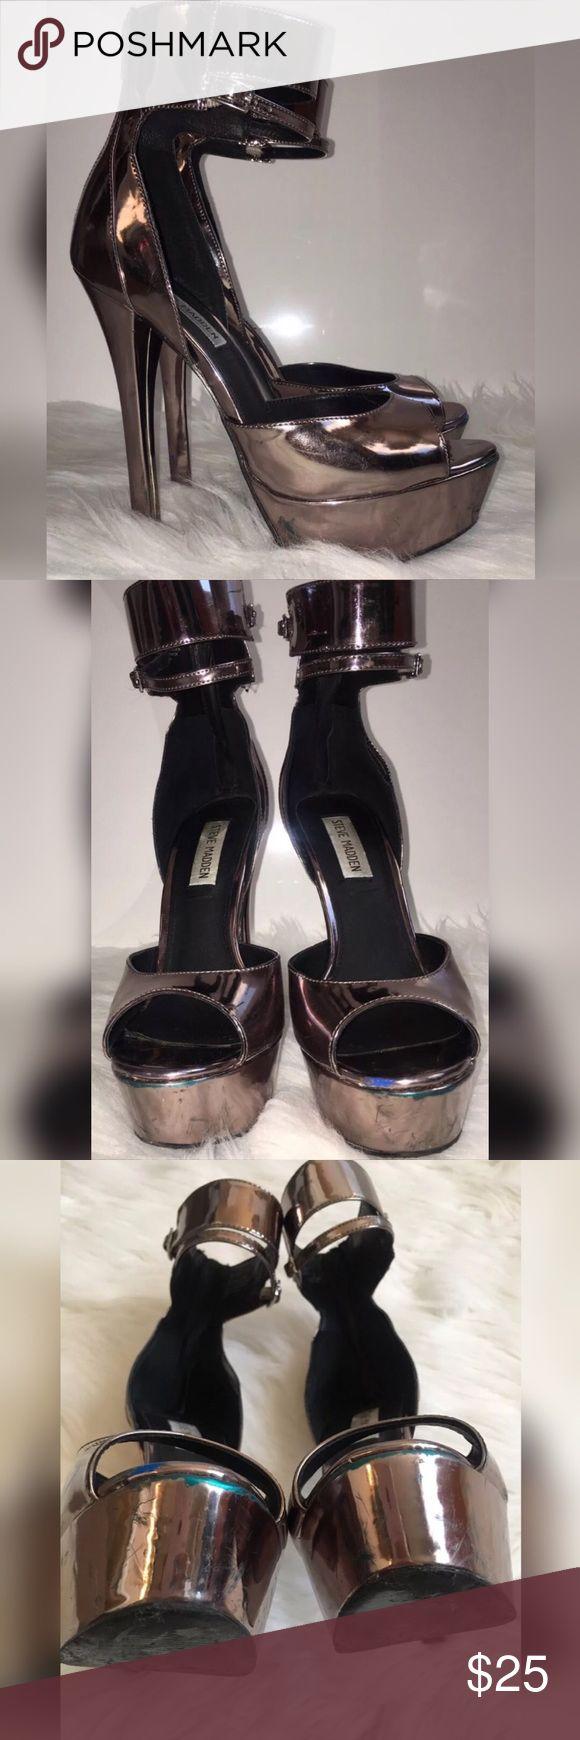 Worn Steve Madden Faymuss Metallic High Heels 8 M Worn Steve Madden Faymuss Metallic Gun Metal High Heels sz 8 M Steve Madden Shoes Heels